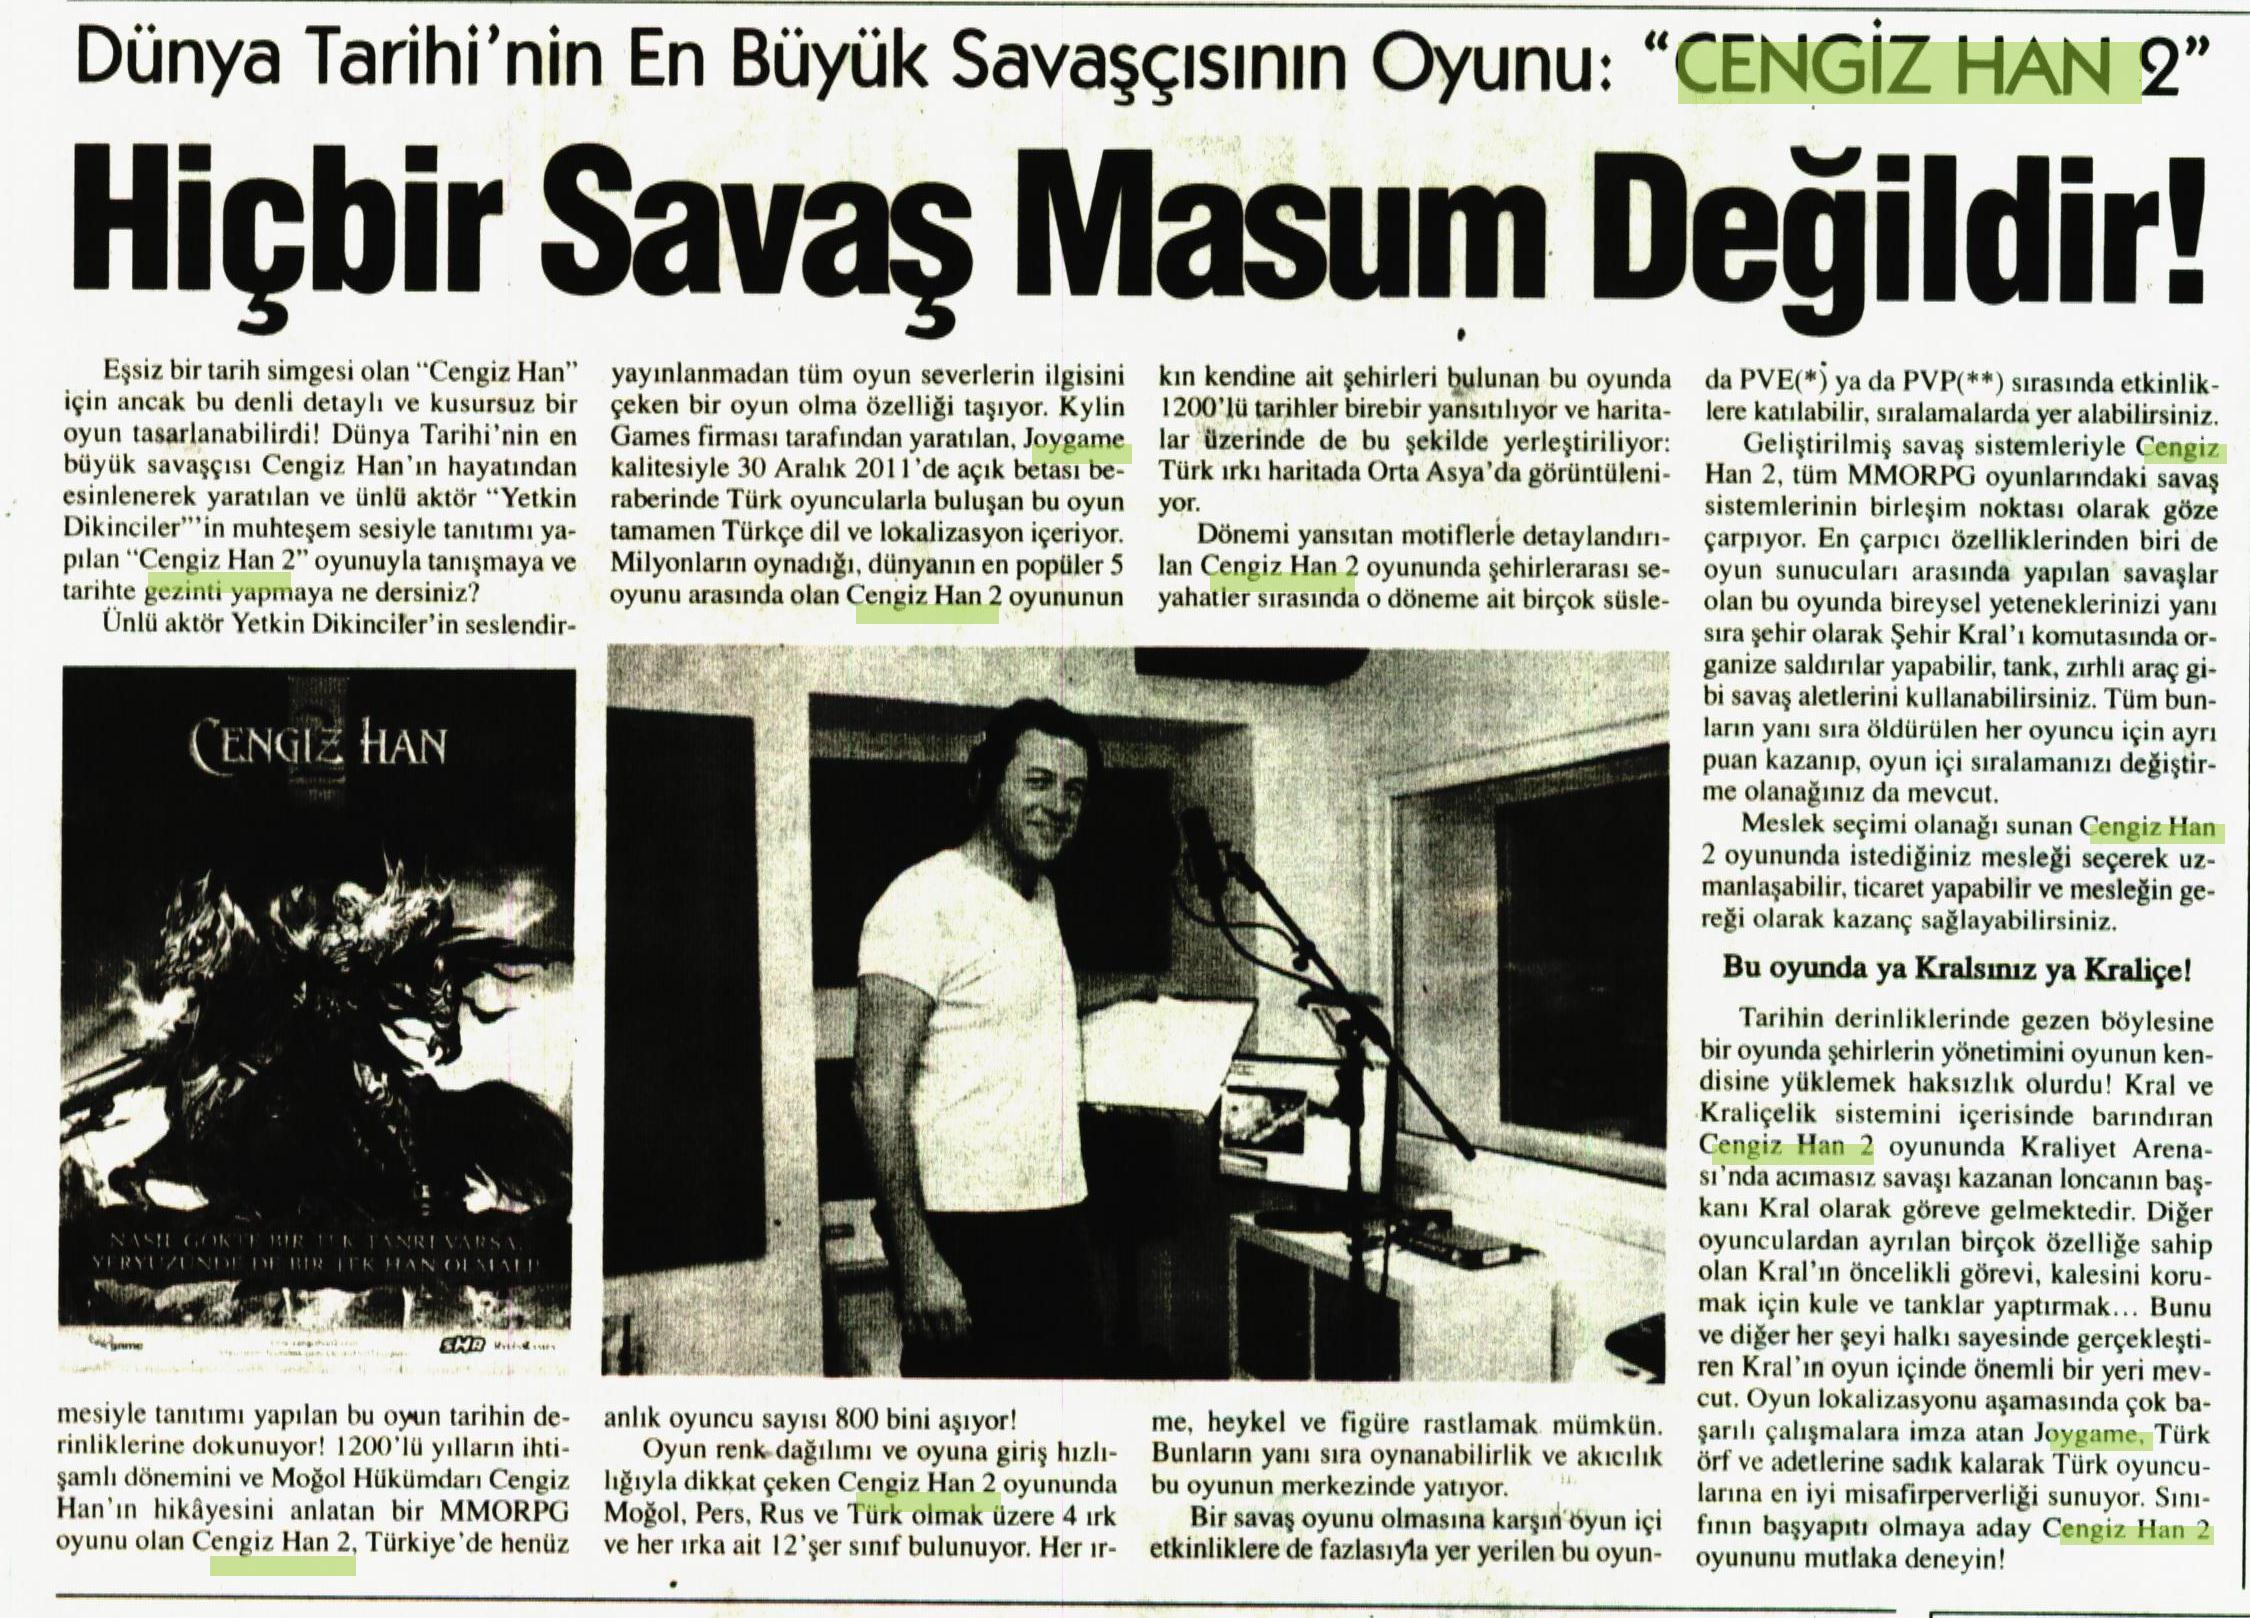 Netmarble-Turkey-Bizim-Anadolu-Gazetesi-27-Aralik-2012